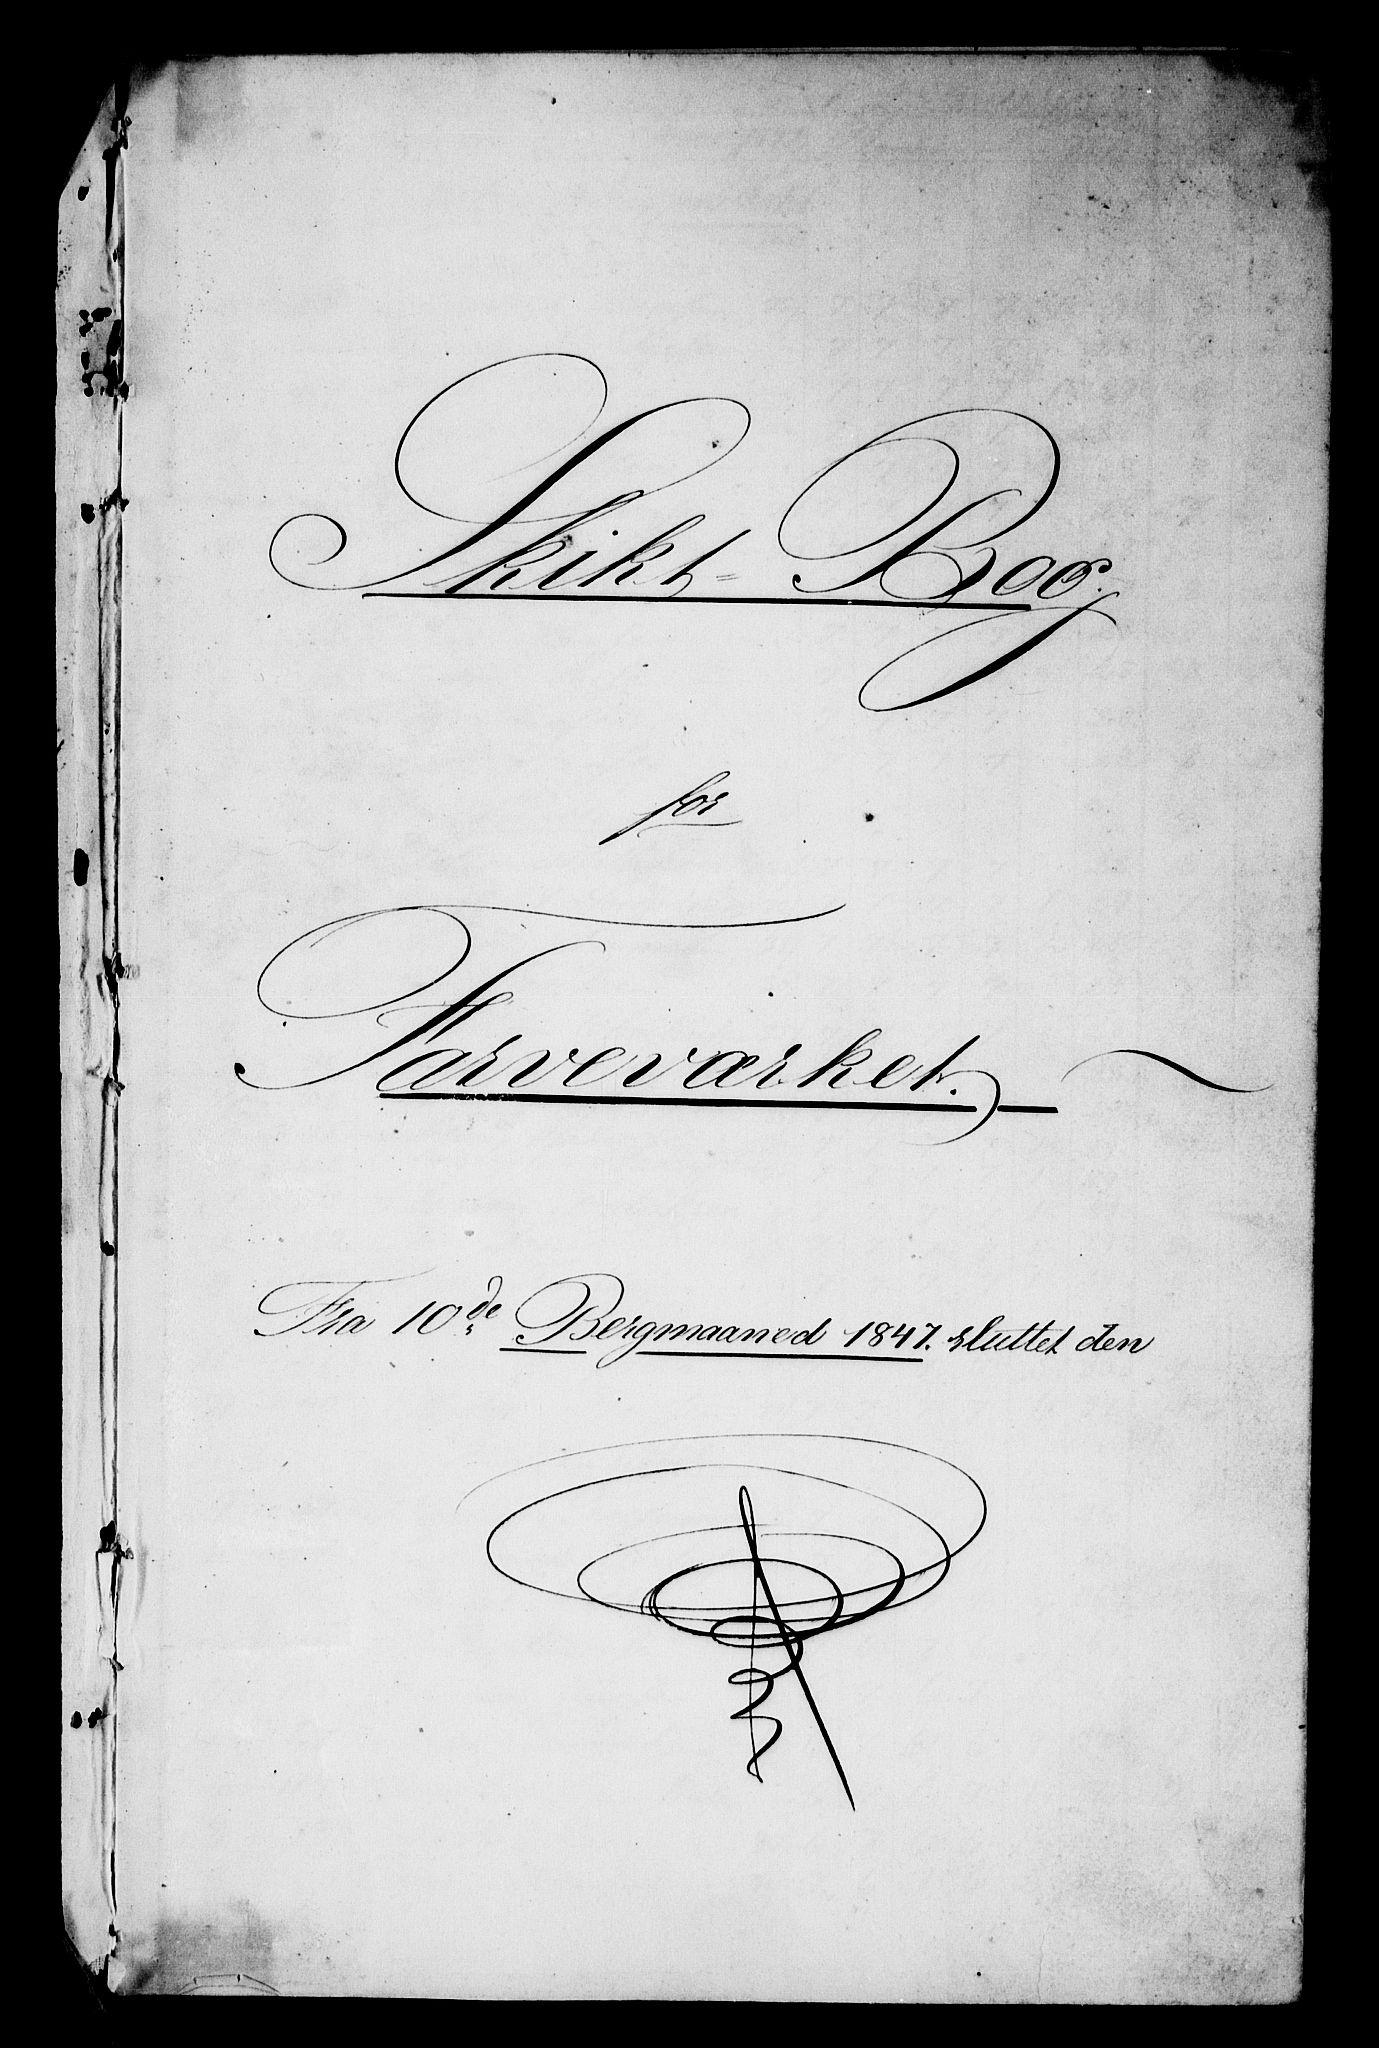 RA, Modums Blaafarveværk, G/Gd/Gdb/L0206: Schigt-Bog ved Modums Blaafarveverk (Regning over utgiftene ved farveverket), 1847-1853, s. 2